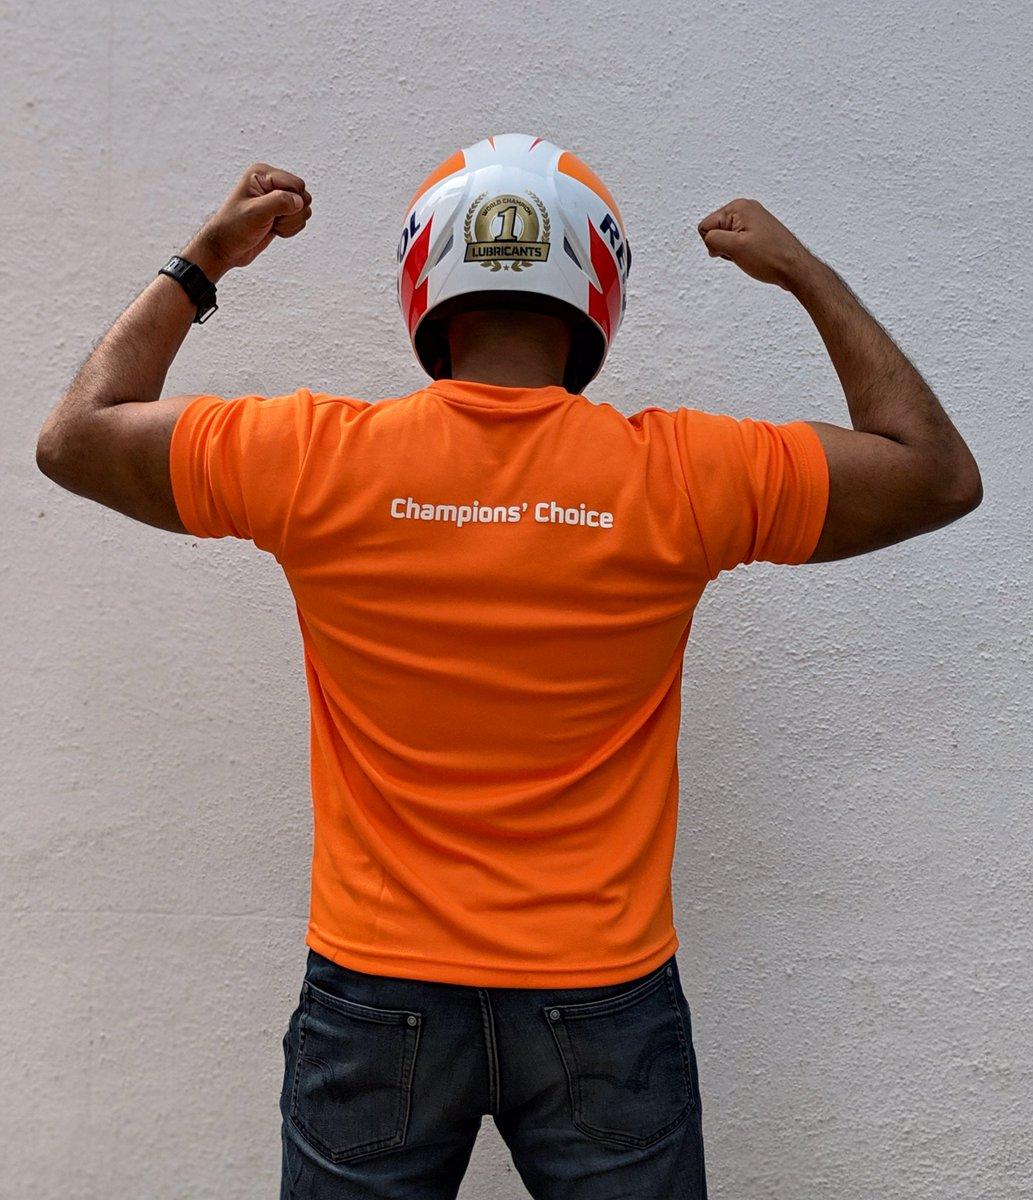 FastBikesIndia photo